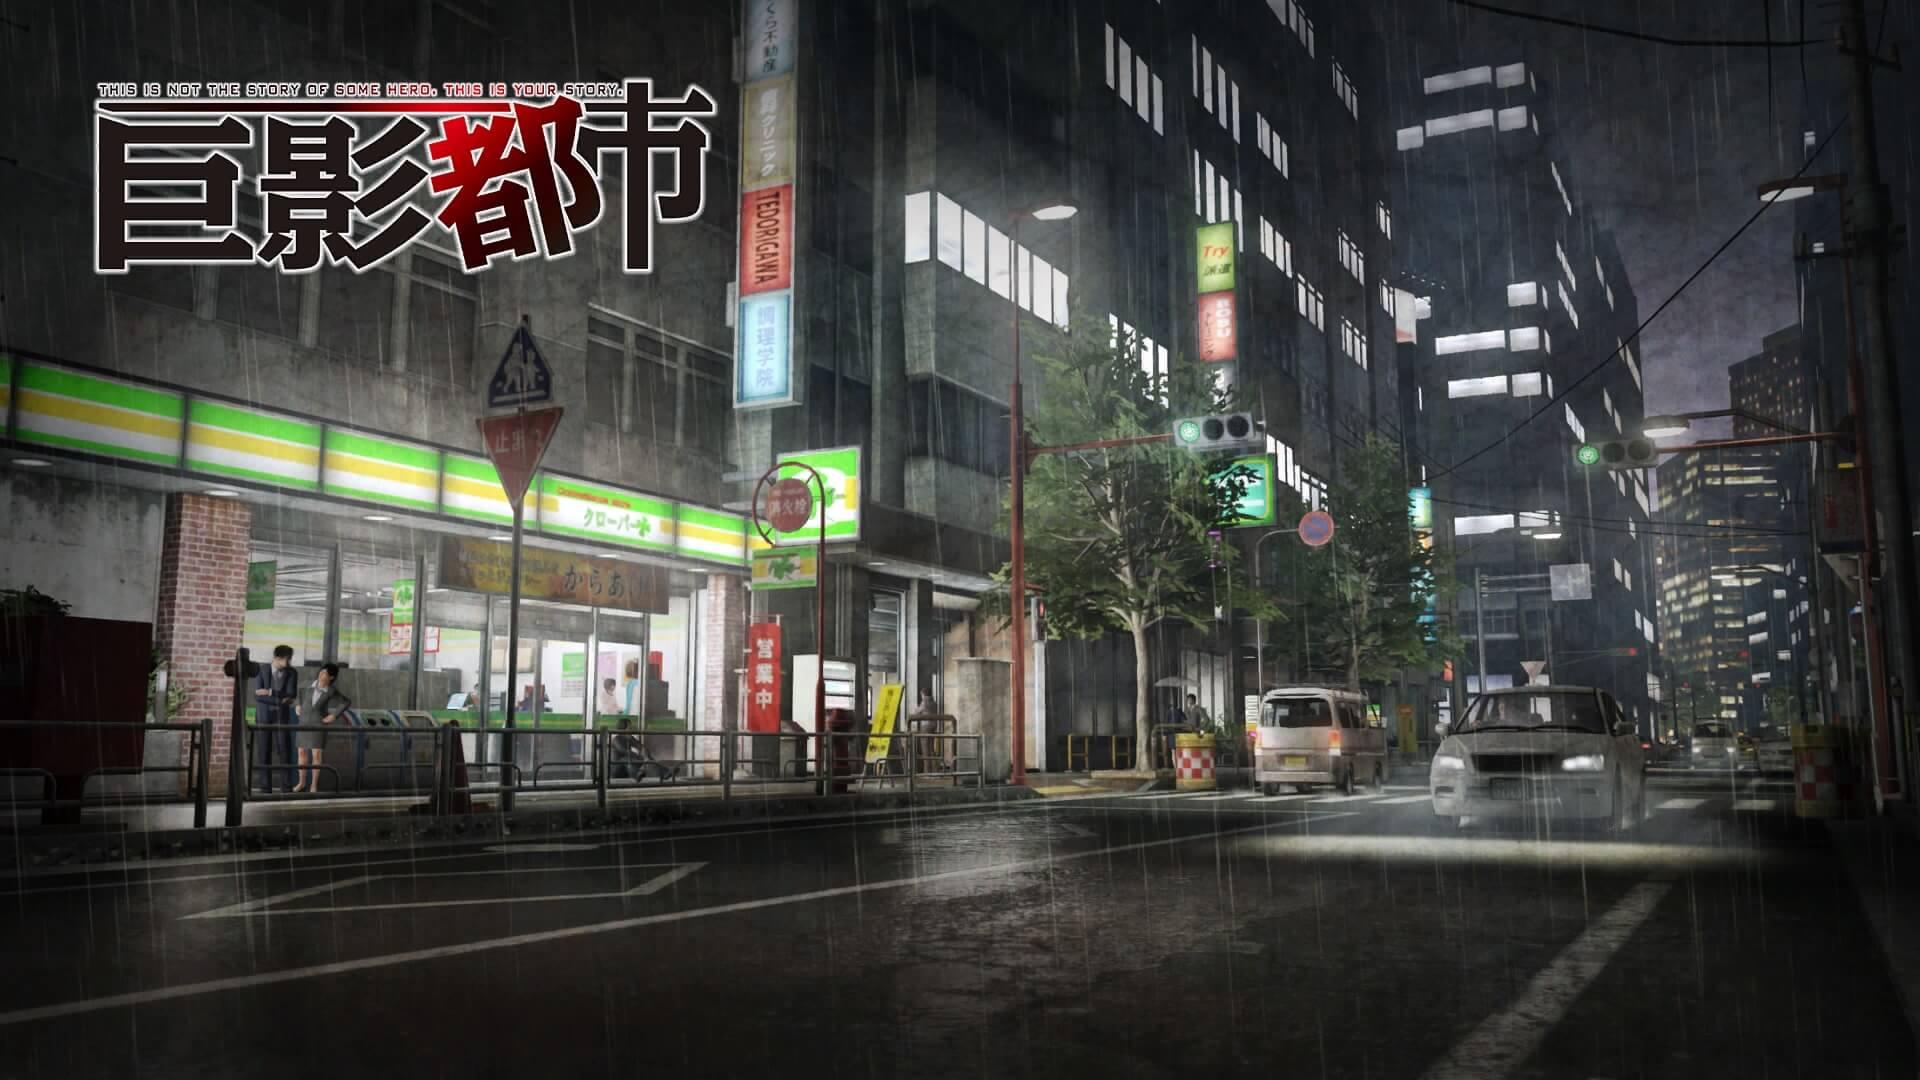 巨影都市のエンディングは1つだけ。プロデューサーの塚中氏が回答。